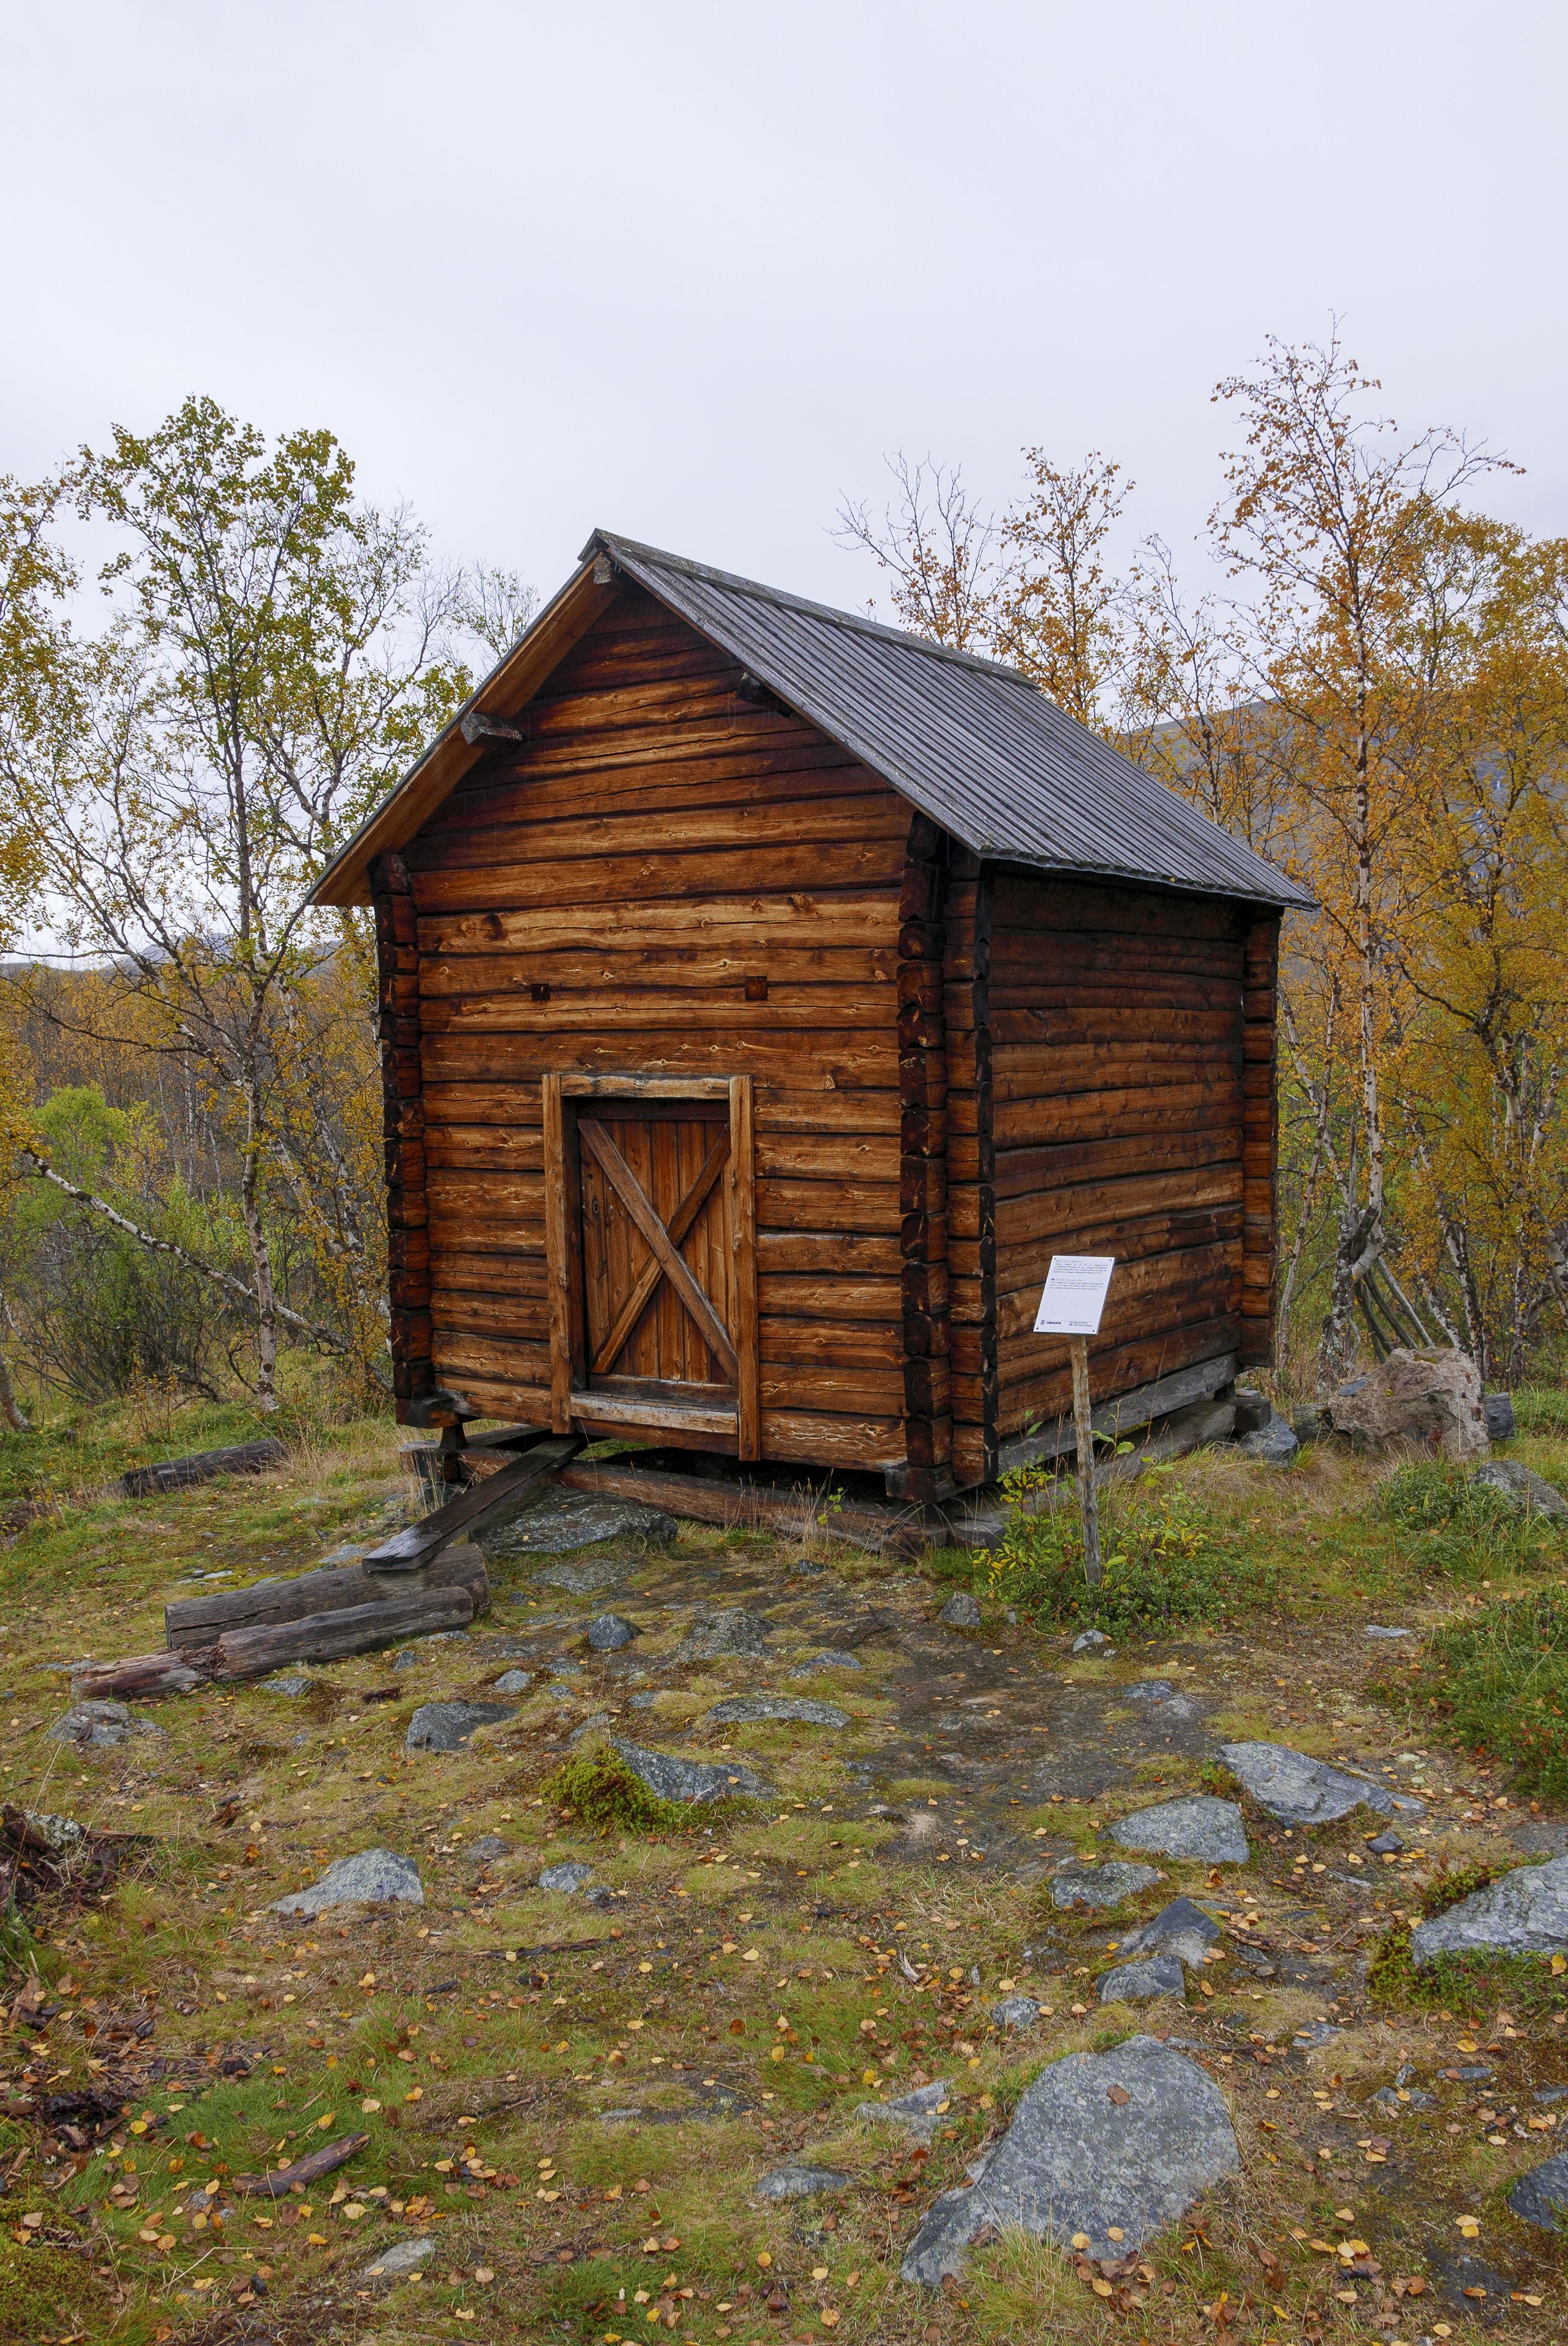 Sami Camp / Abisko,©Markus Proske—Panasonic DMC-LX100, 30mm, 1/100s, Blende 5.6, ISO 200